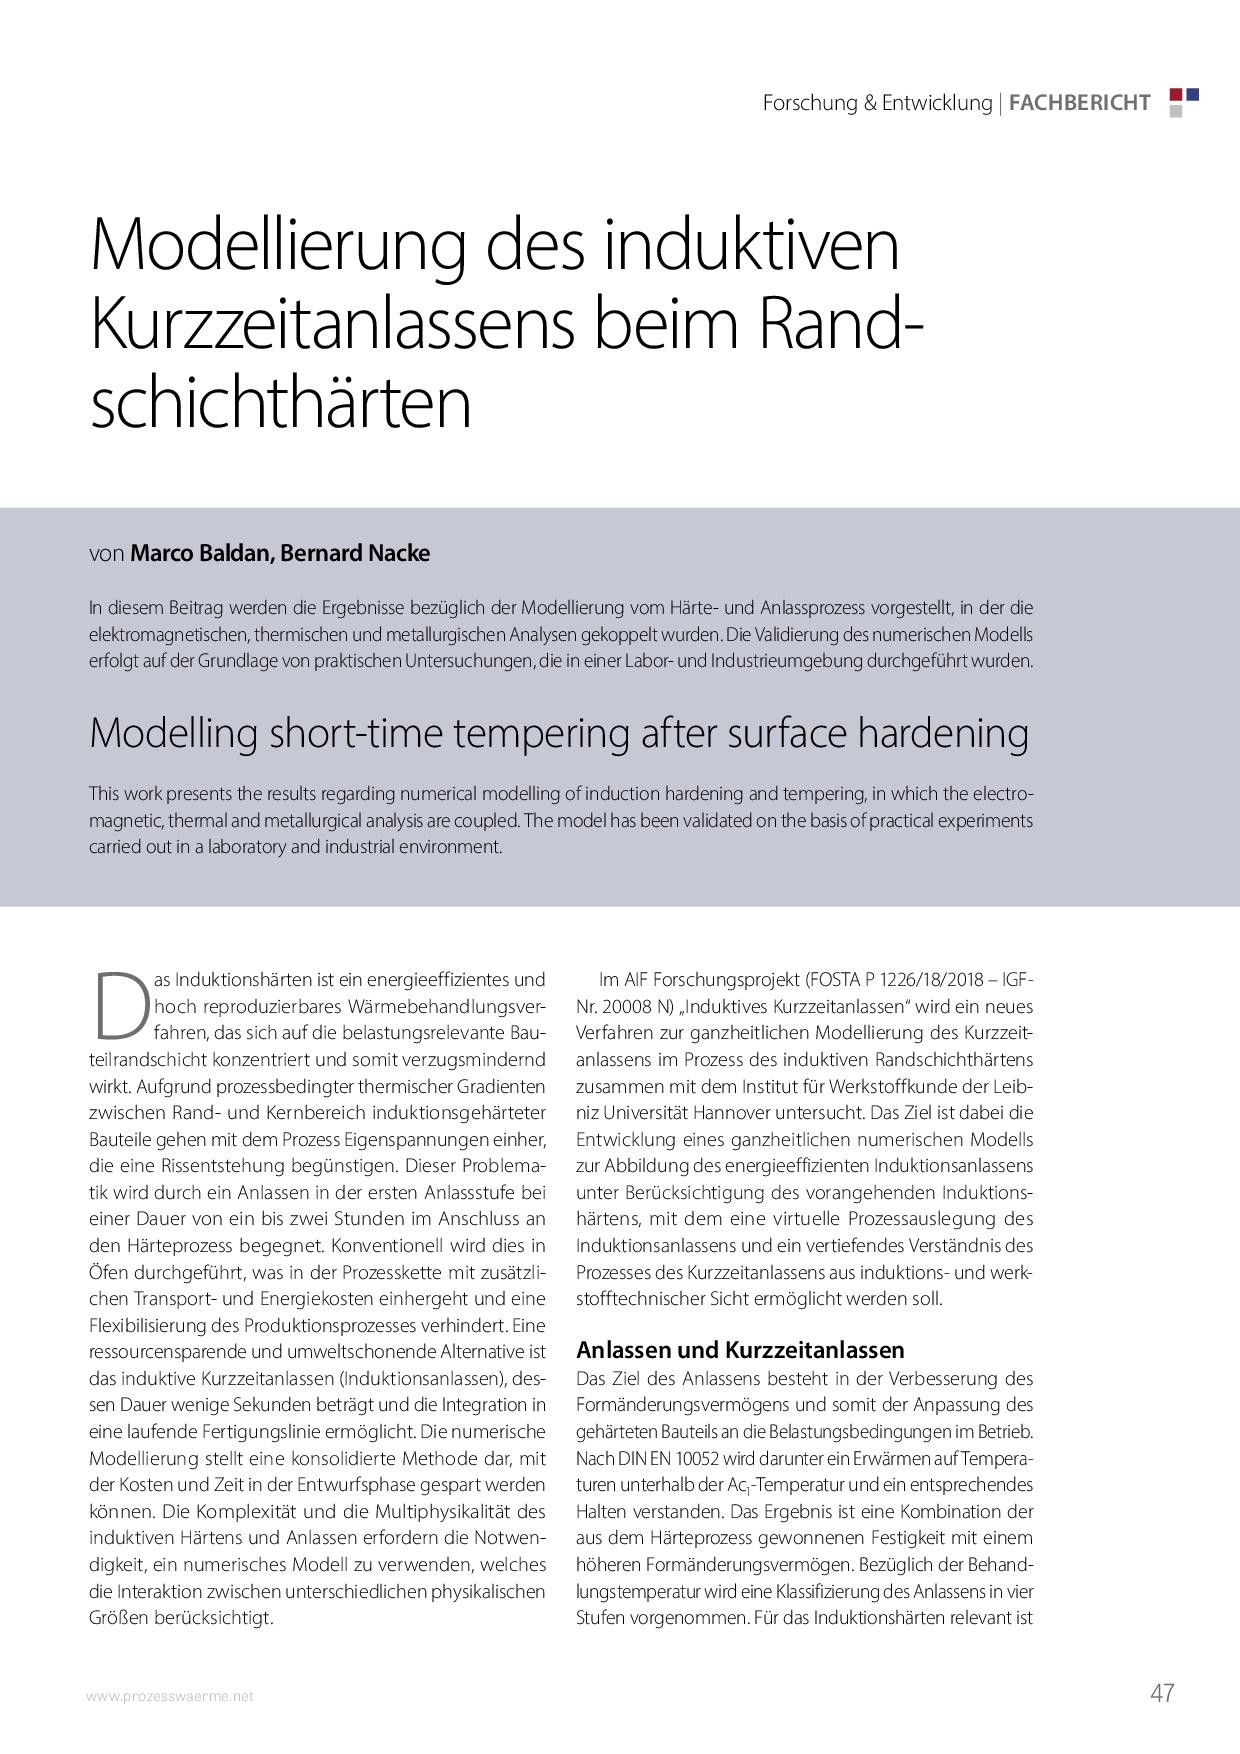 Modellierung des induktiven Kurzzeitanlassens beim Randschichthärten